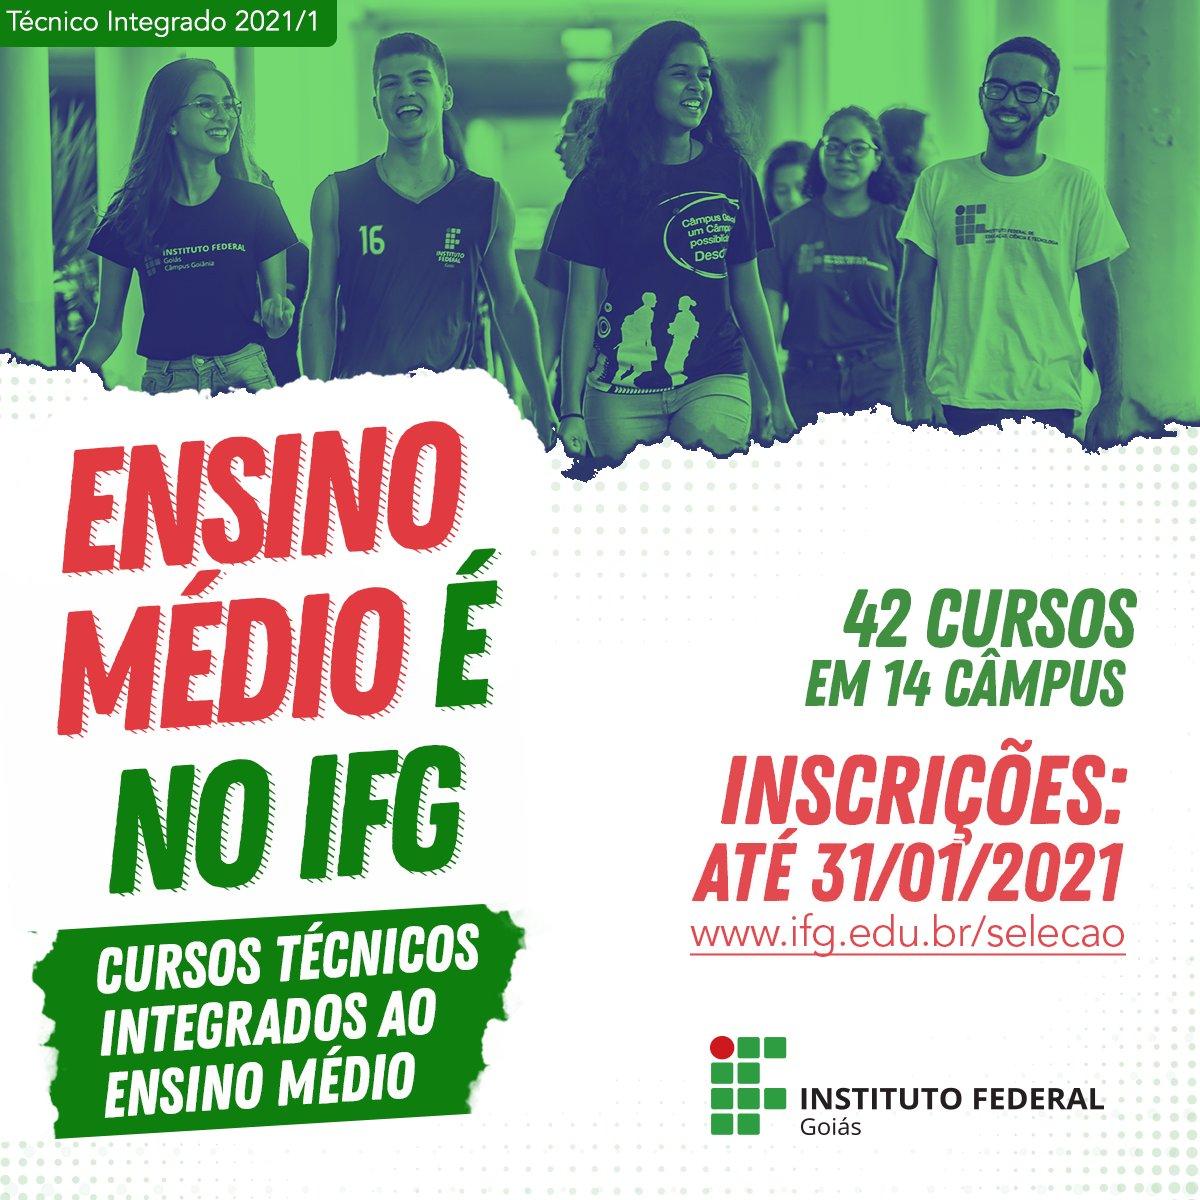 🤓 Quem aí tá interessado em fazer o ensino médio em uma das instituições que é destaque no #Enem em Goiás? Inscreva-se nos cursos técnicos integrados do IFG! O prazo para realizar sua inscrição é até dia 31.  Tudo de graça e a seleção será por sorteio